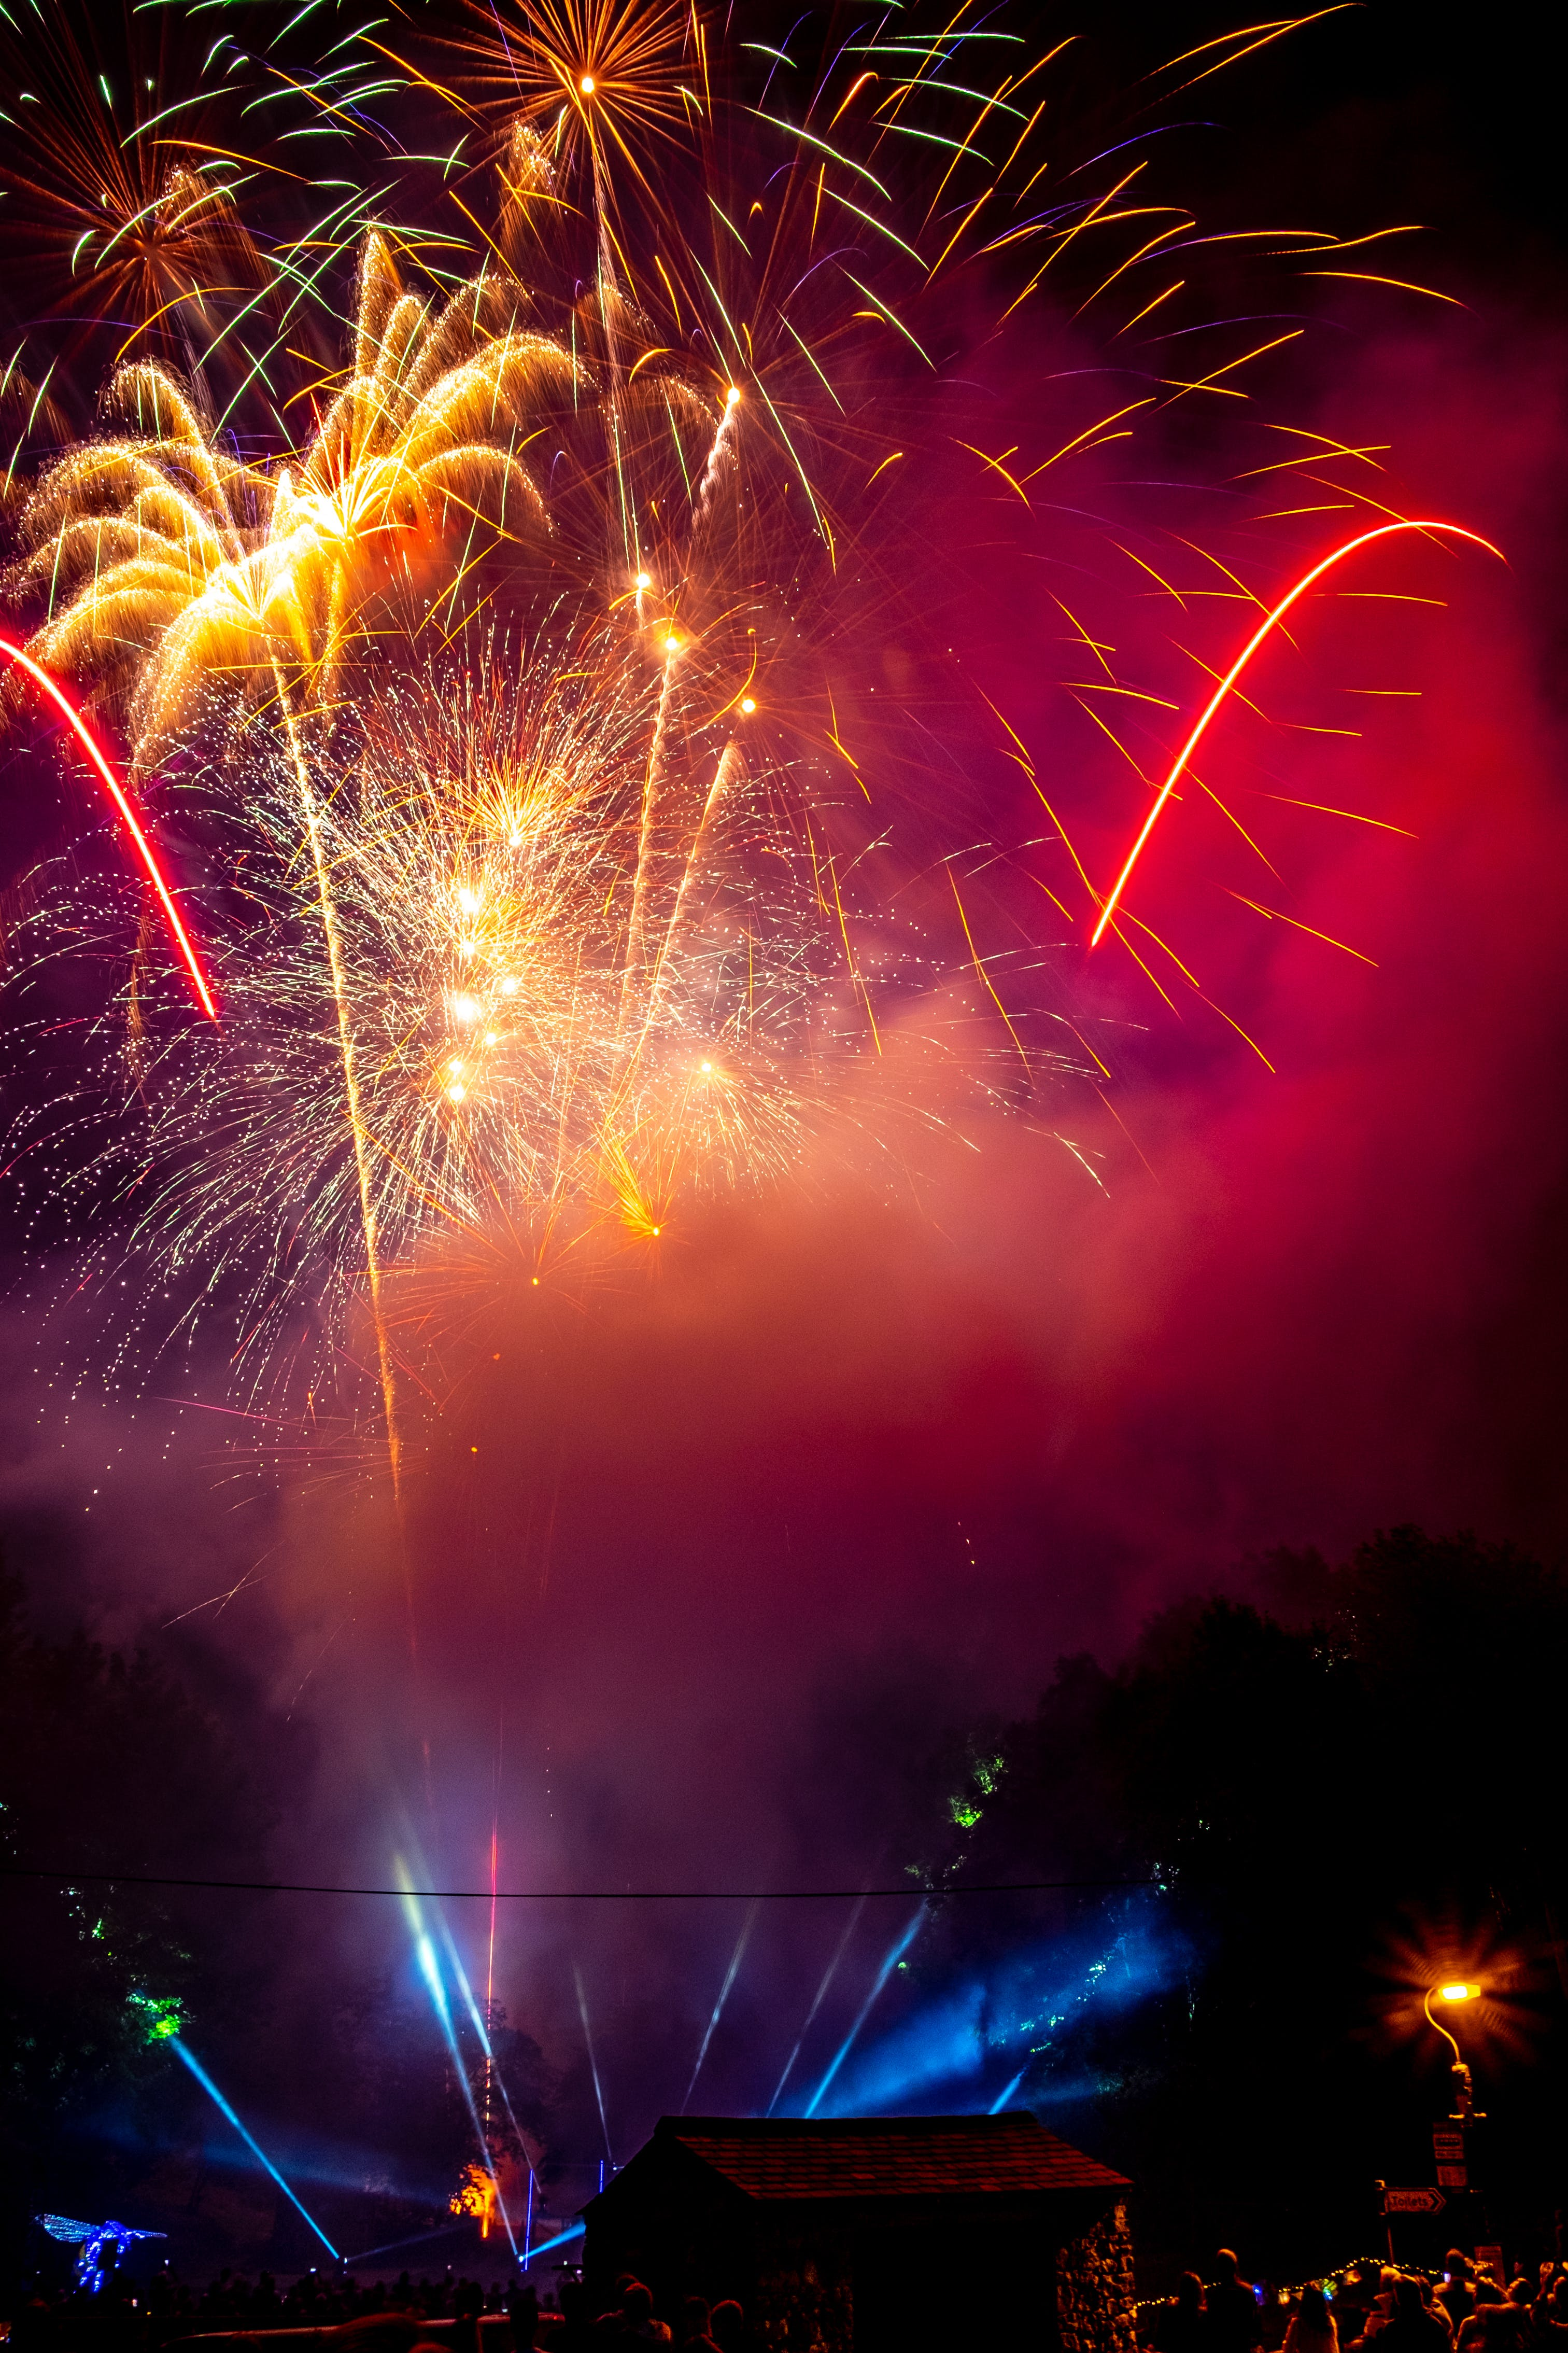 คลังภาพถ่ายฟรี ของ การระเบิด, งานเฉลิมฉลอง, งานเทศกาล, ดอกไม้ไฟ